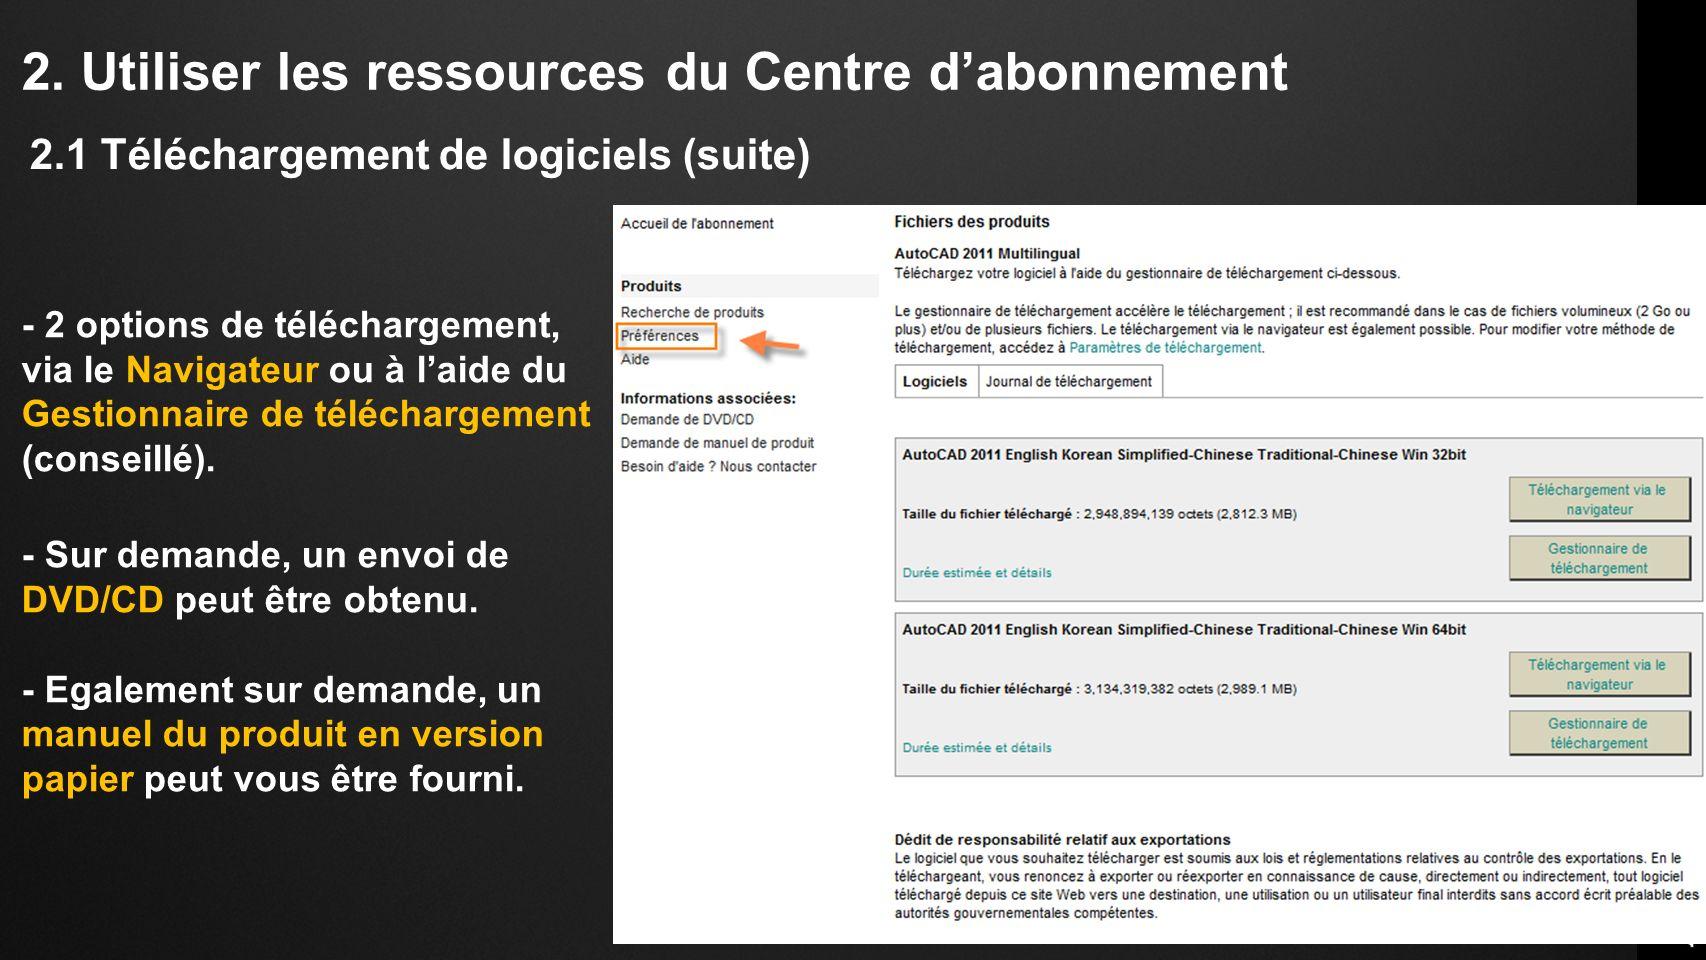 2. Utiliser les ressources du Centre dabonnement - 2 options de téléchargement, via le Navigateur ou à laide du Gestionnaire de téléchargement (consei